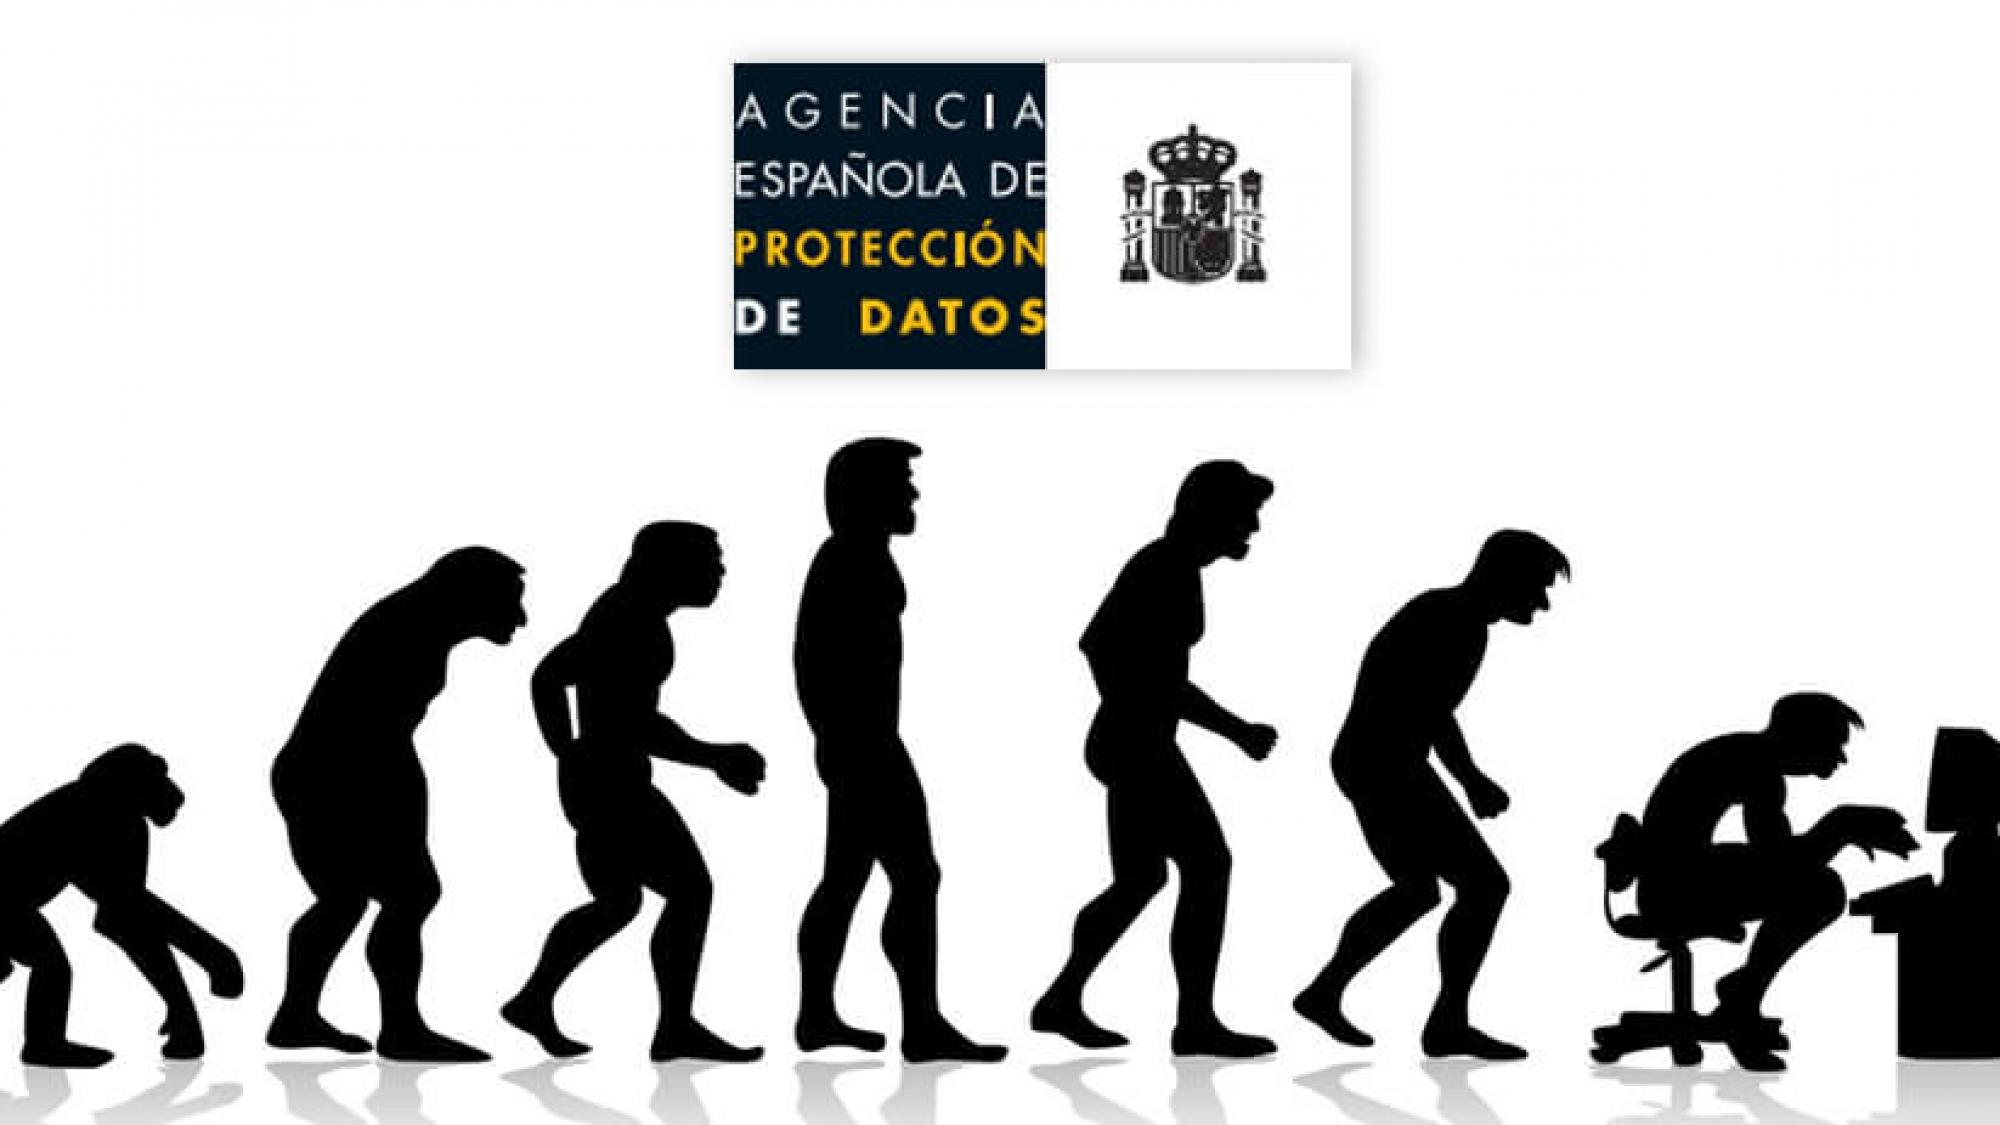 La-evolucion-de-la-lopd